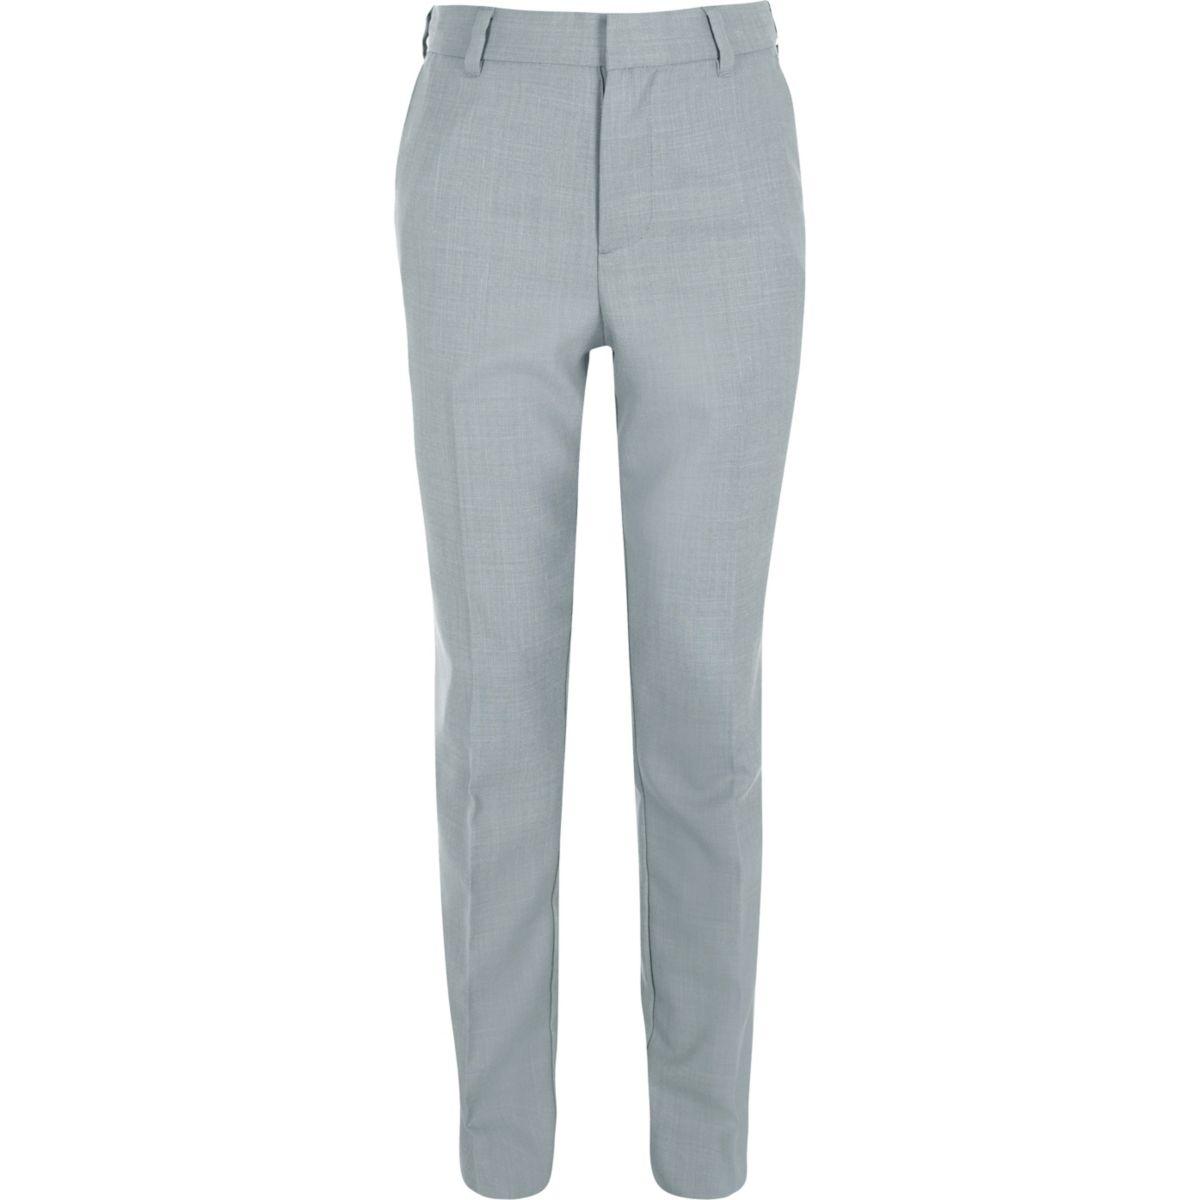 Boys light blue suit pants